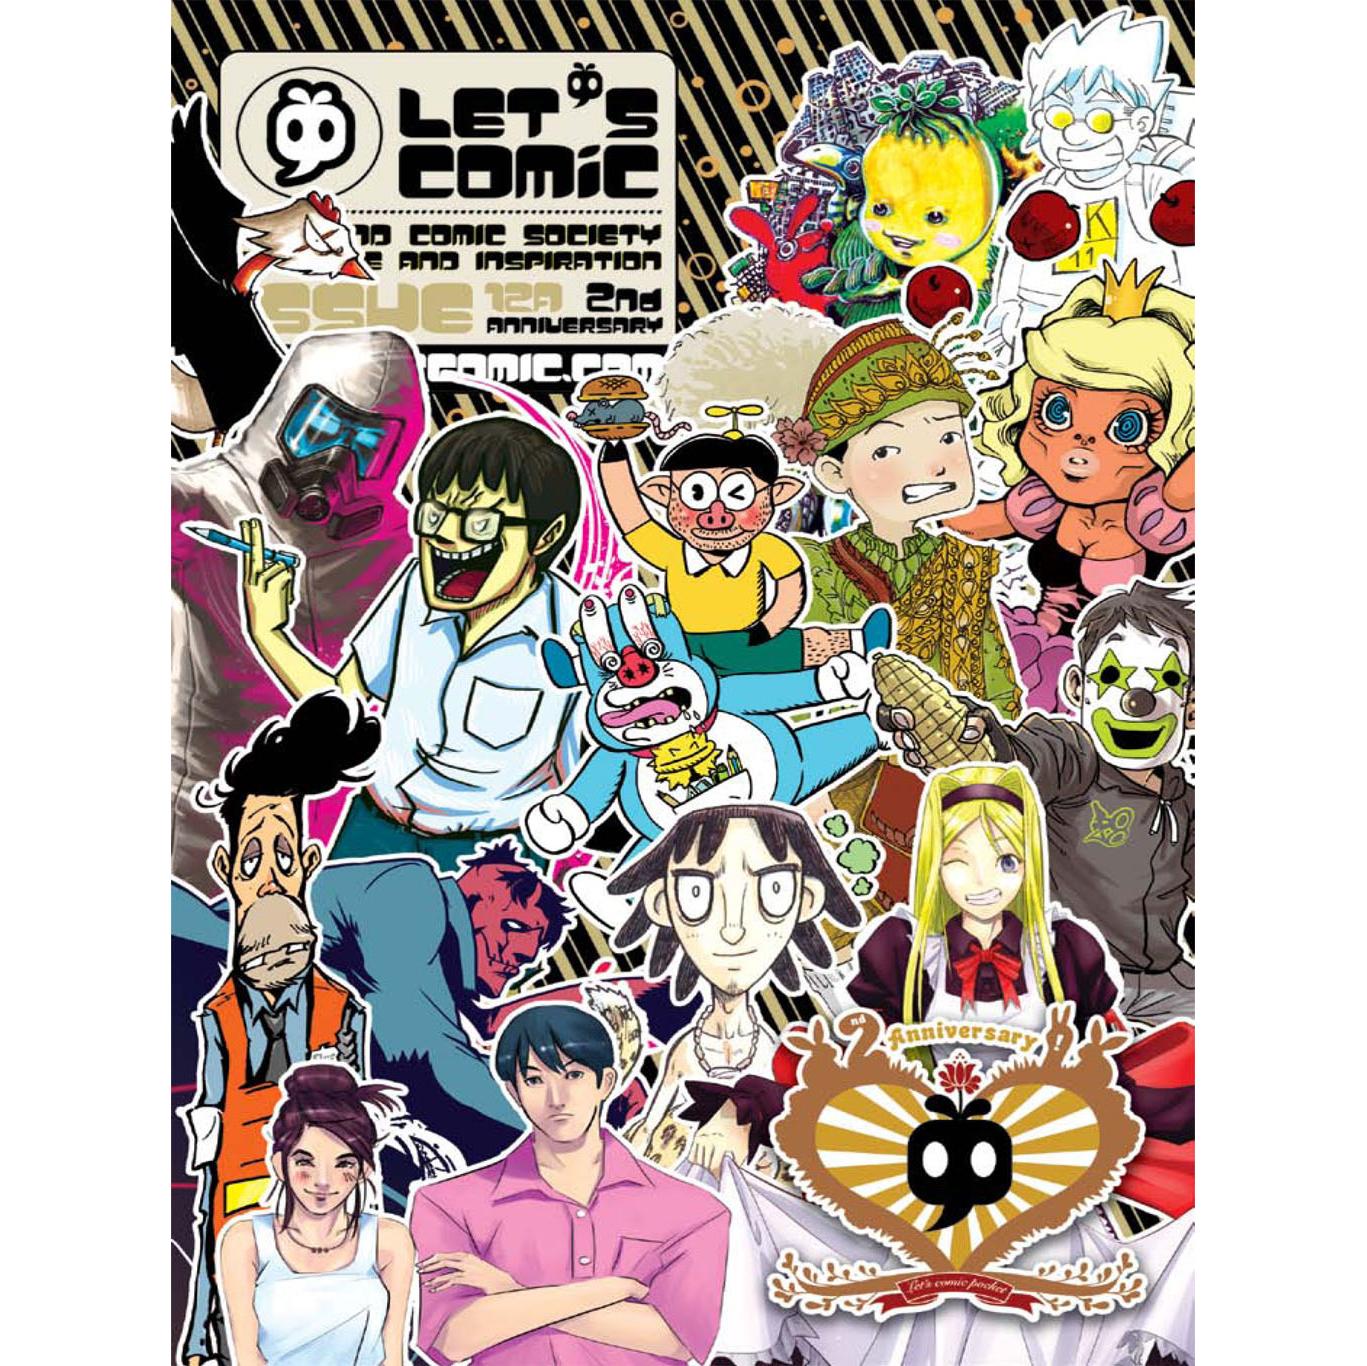 LET'S Comic 12 Anniversary